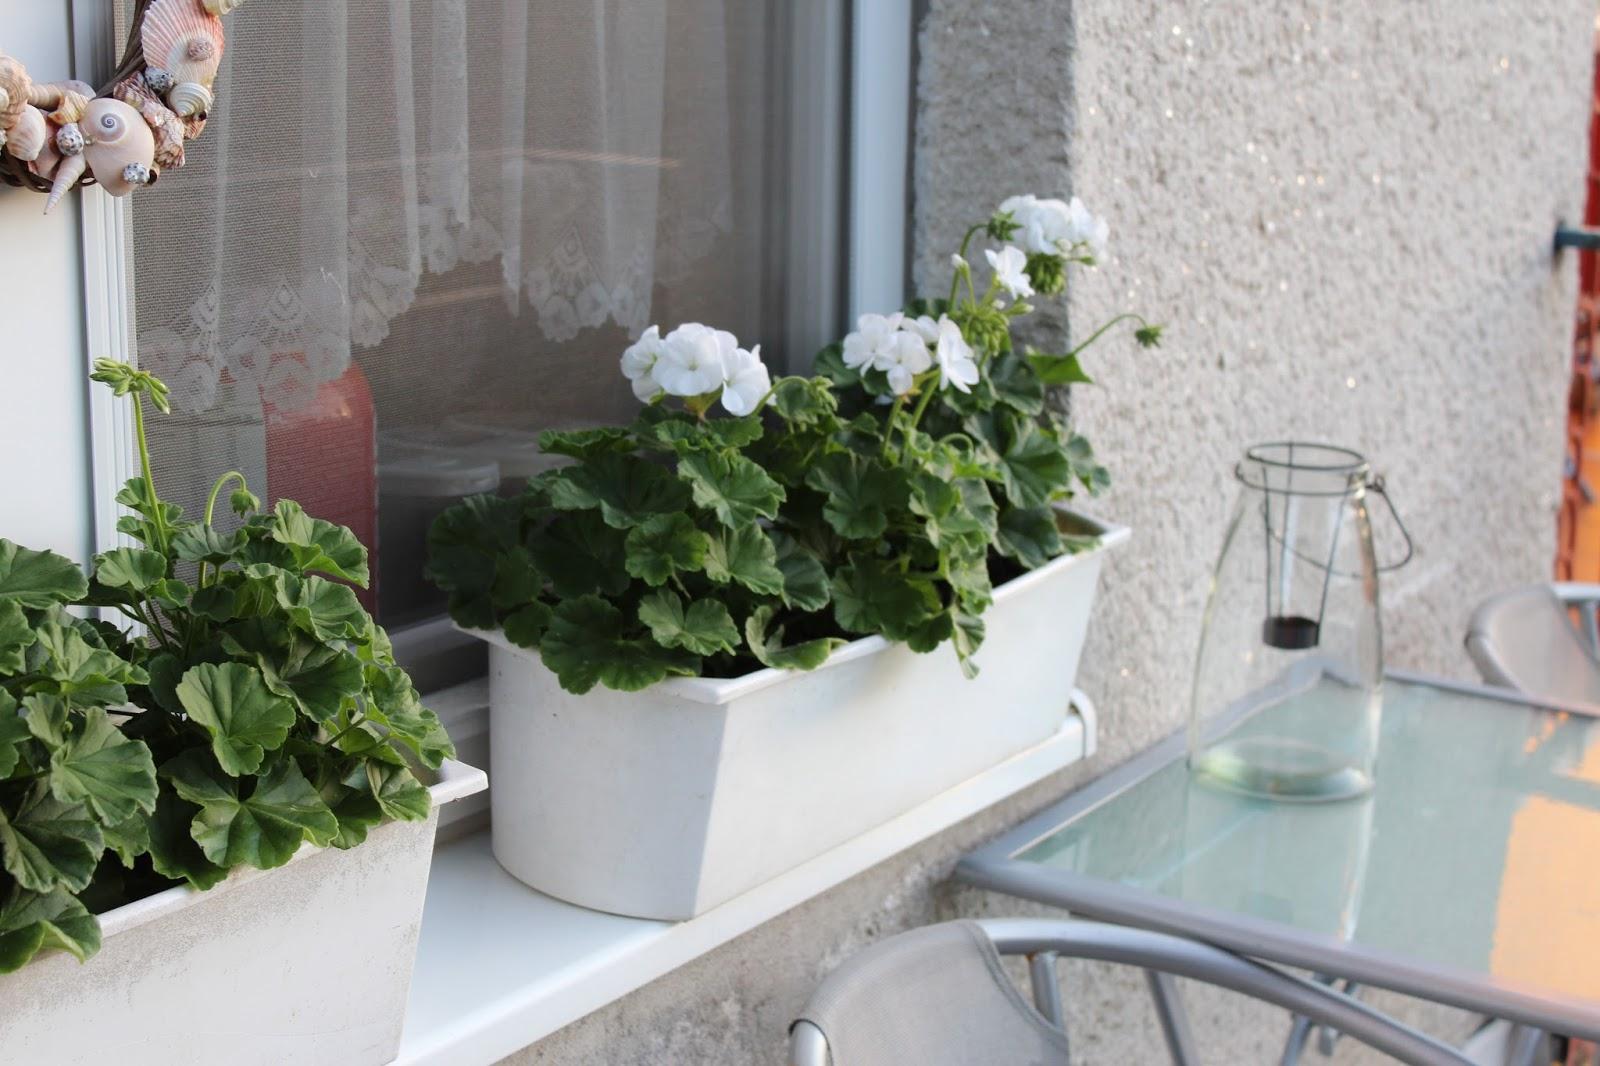 Mini Kühlschrank Für Terrasse : Kleiner kühlschrank für terrasse kühlschrank kaufen darauf